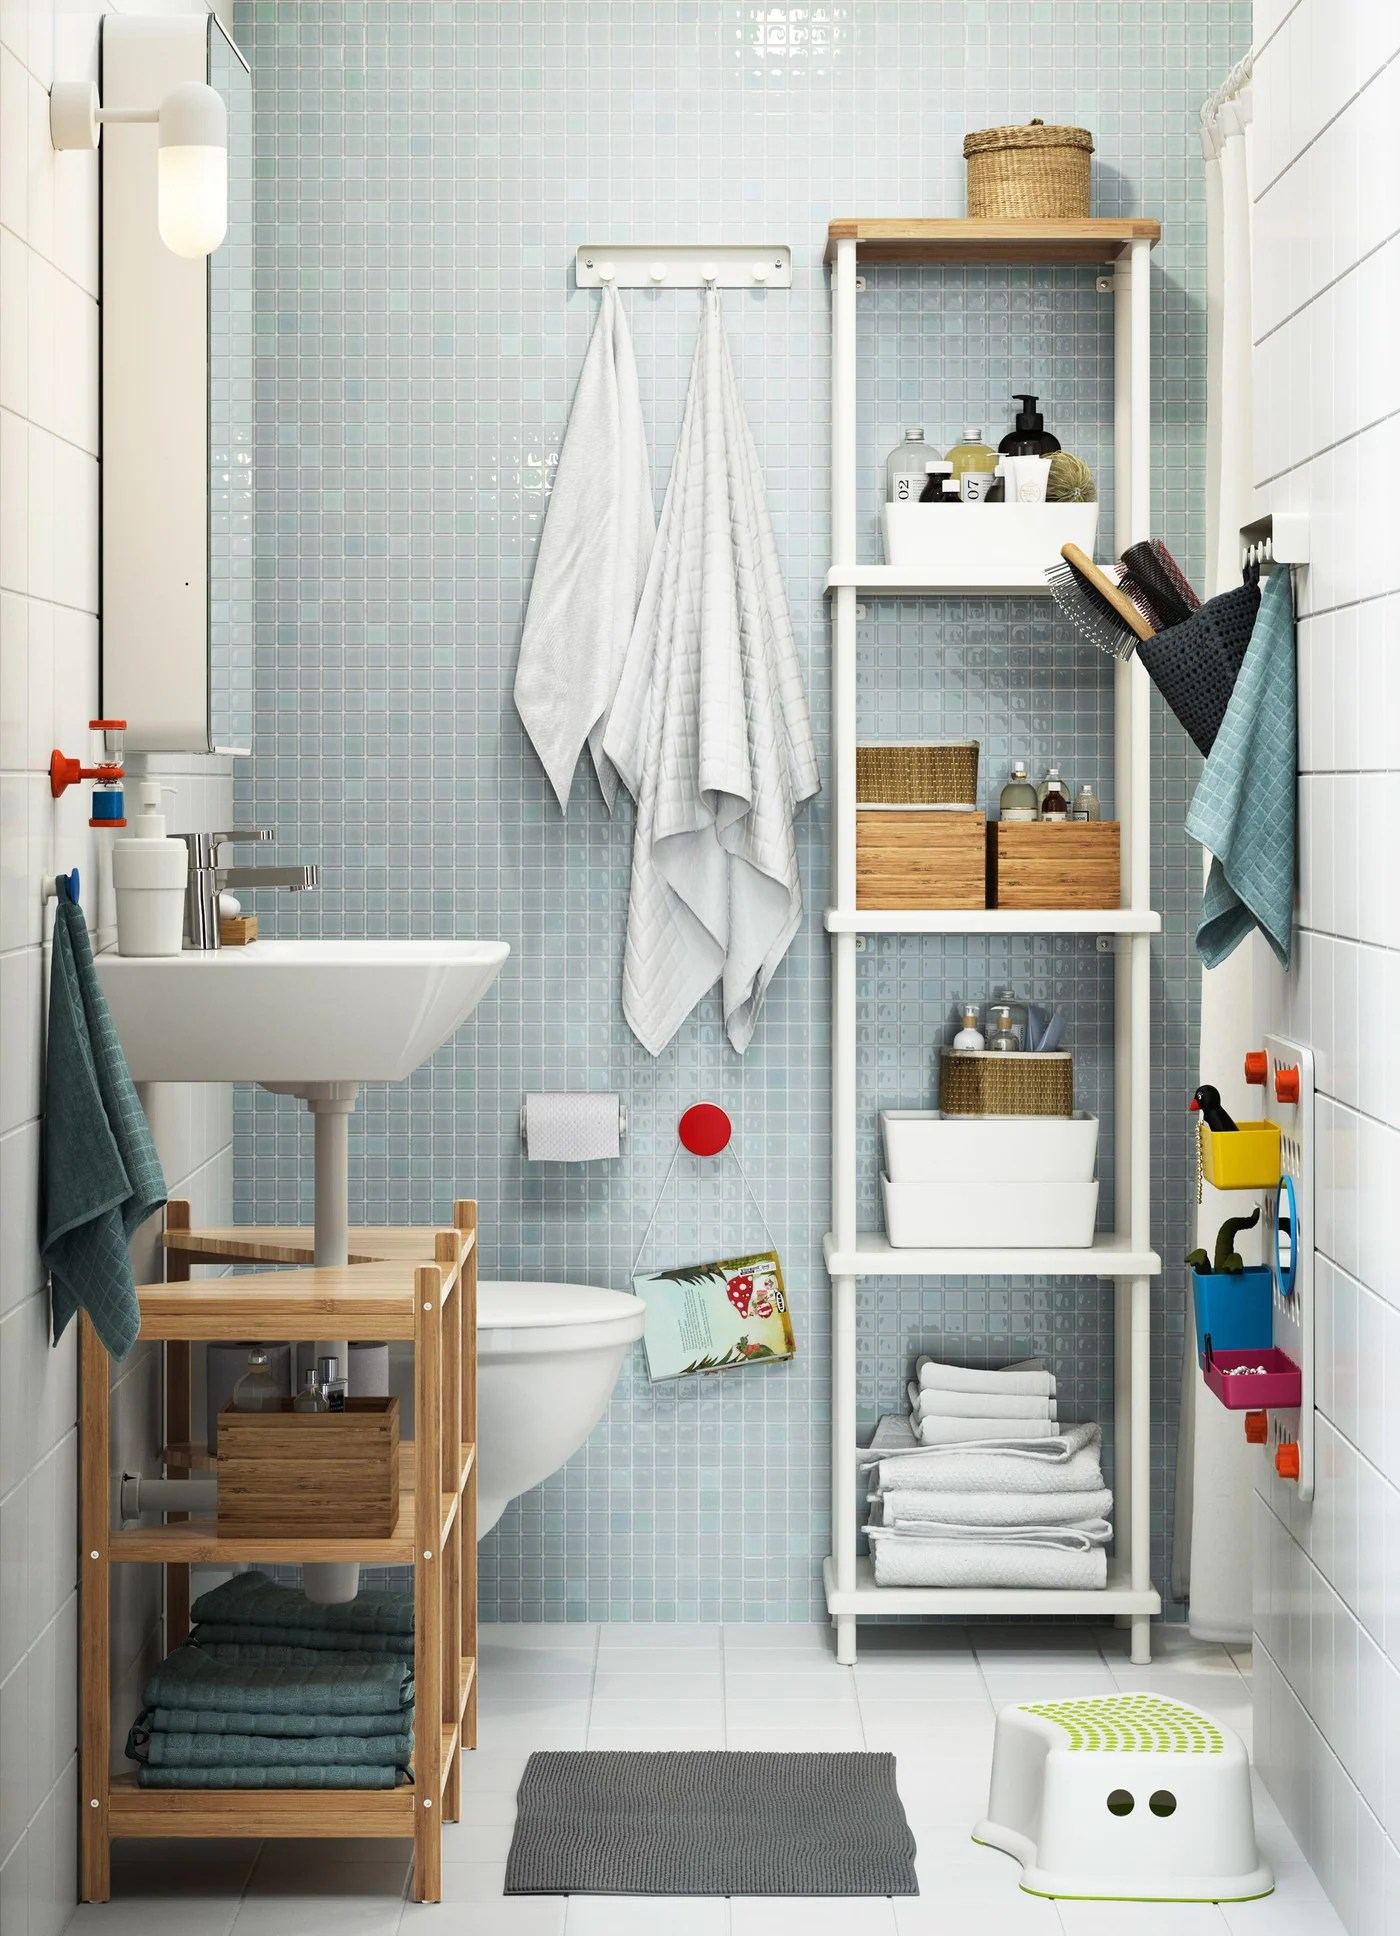 Soluzioni Salvaspazio Per Un Bagno A Misura Di Tutti Ikea